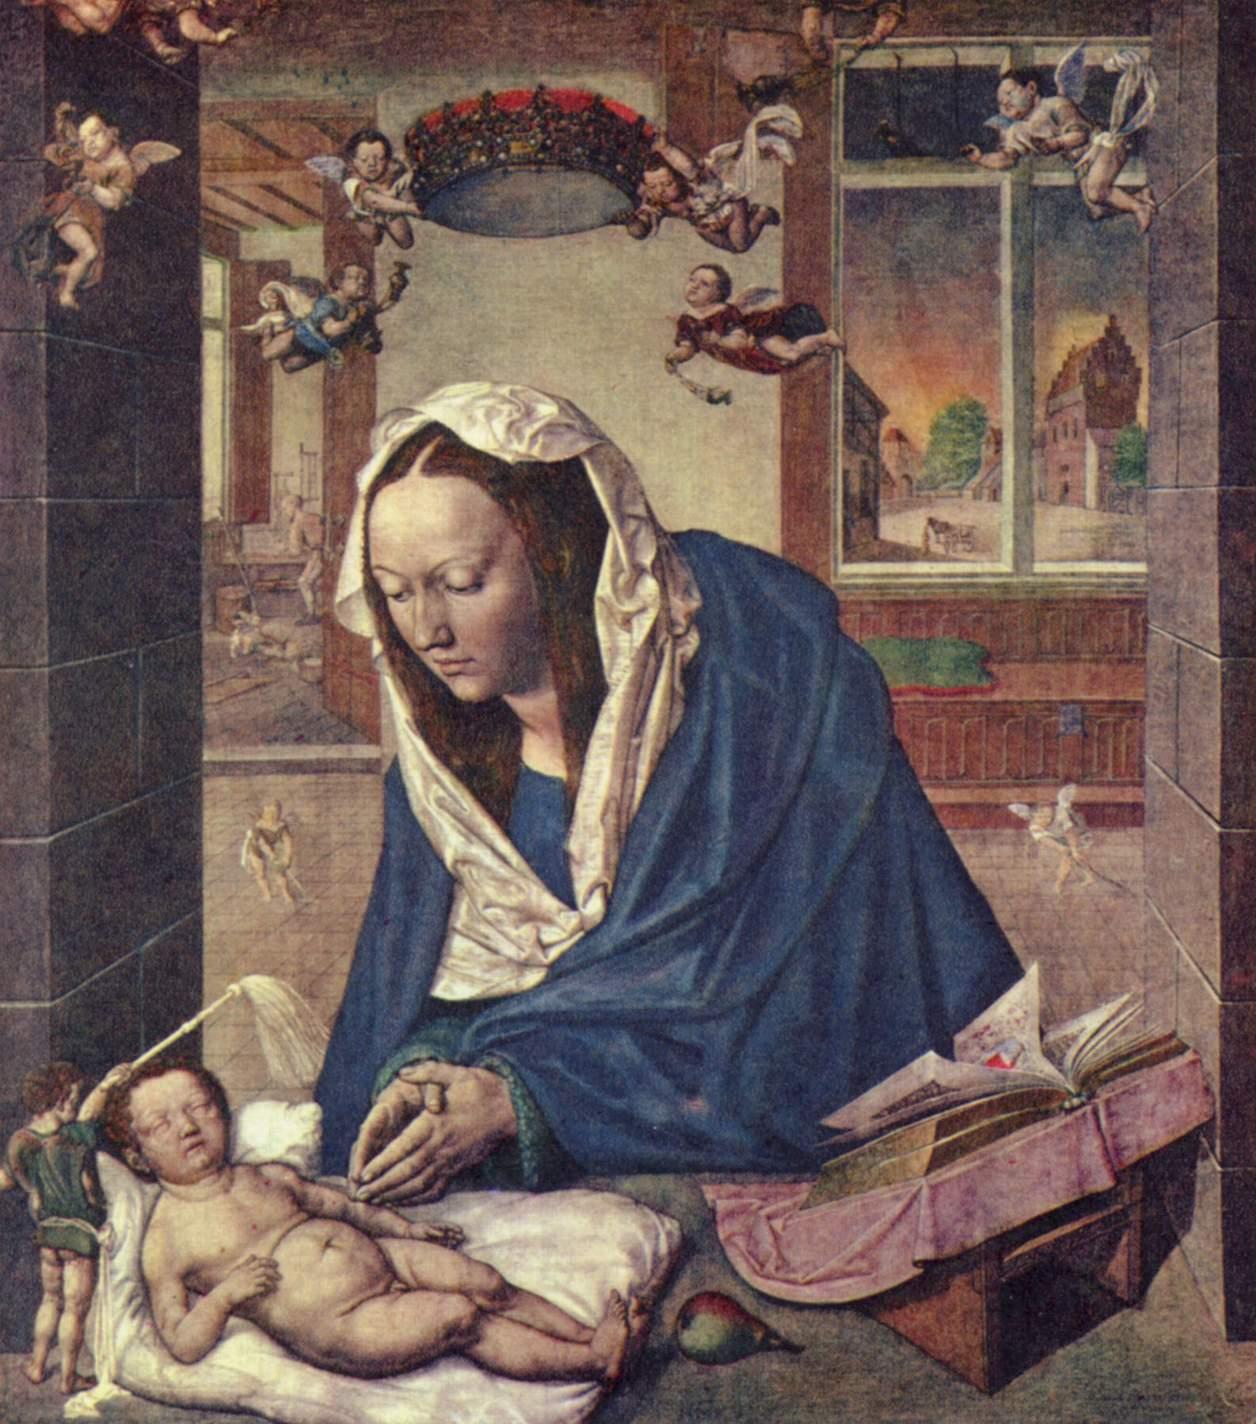 Алтарь Девы Марии, центральное изображение, Мария с младенцем, Альбрехт Дюрер